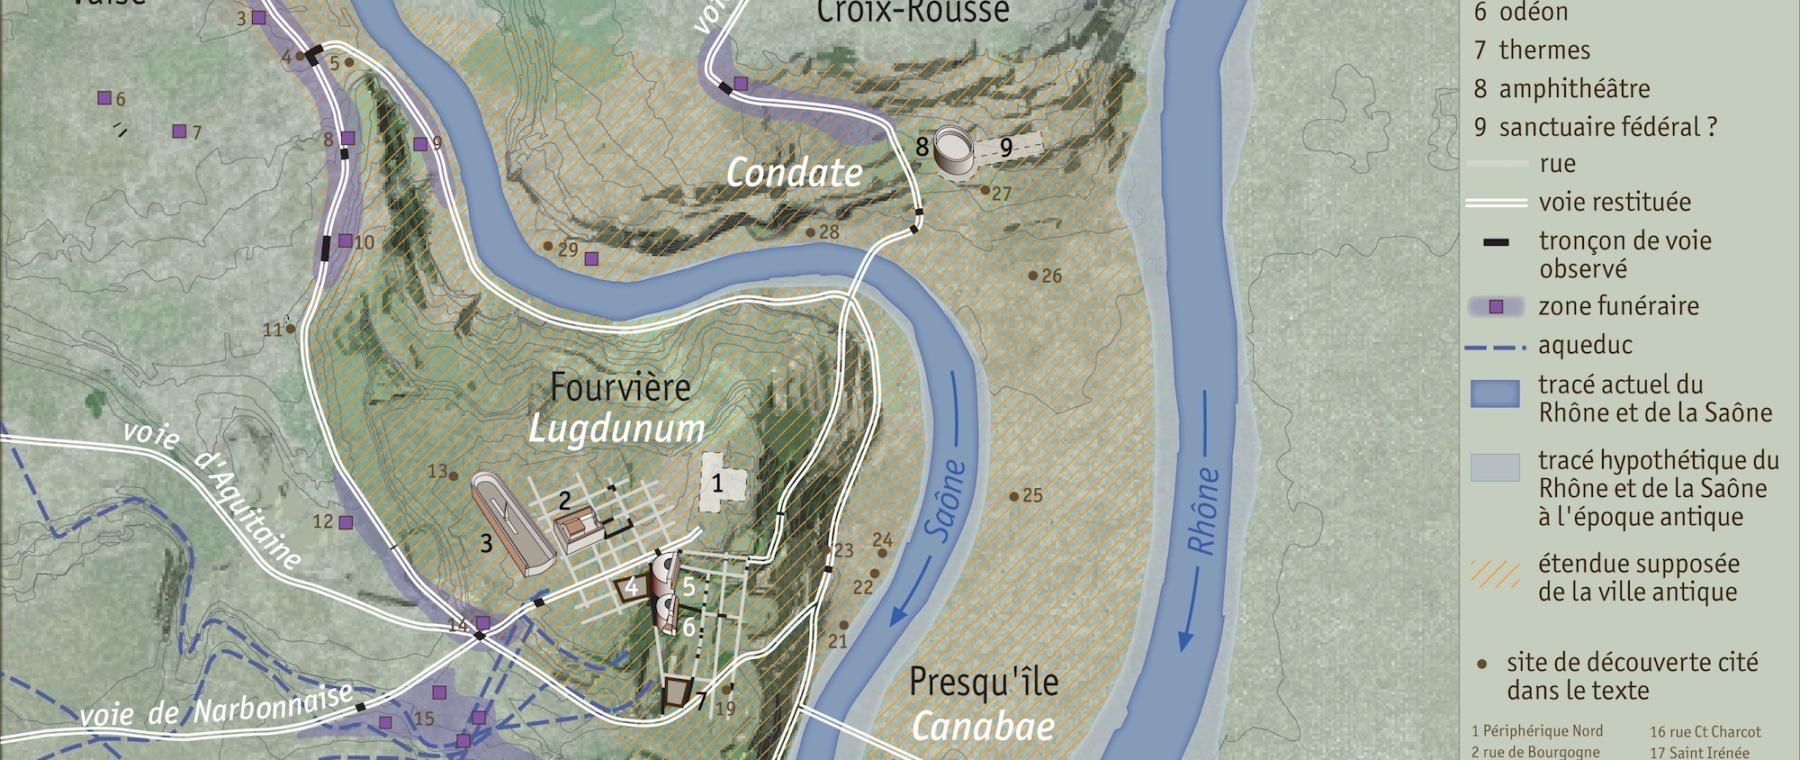 Baudrand 2012 plan Lugdunum © Service Archéologique Ville de Lyon